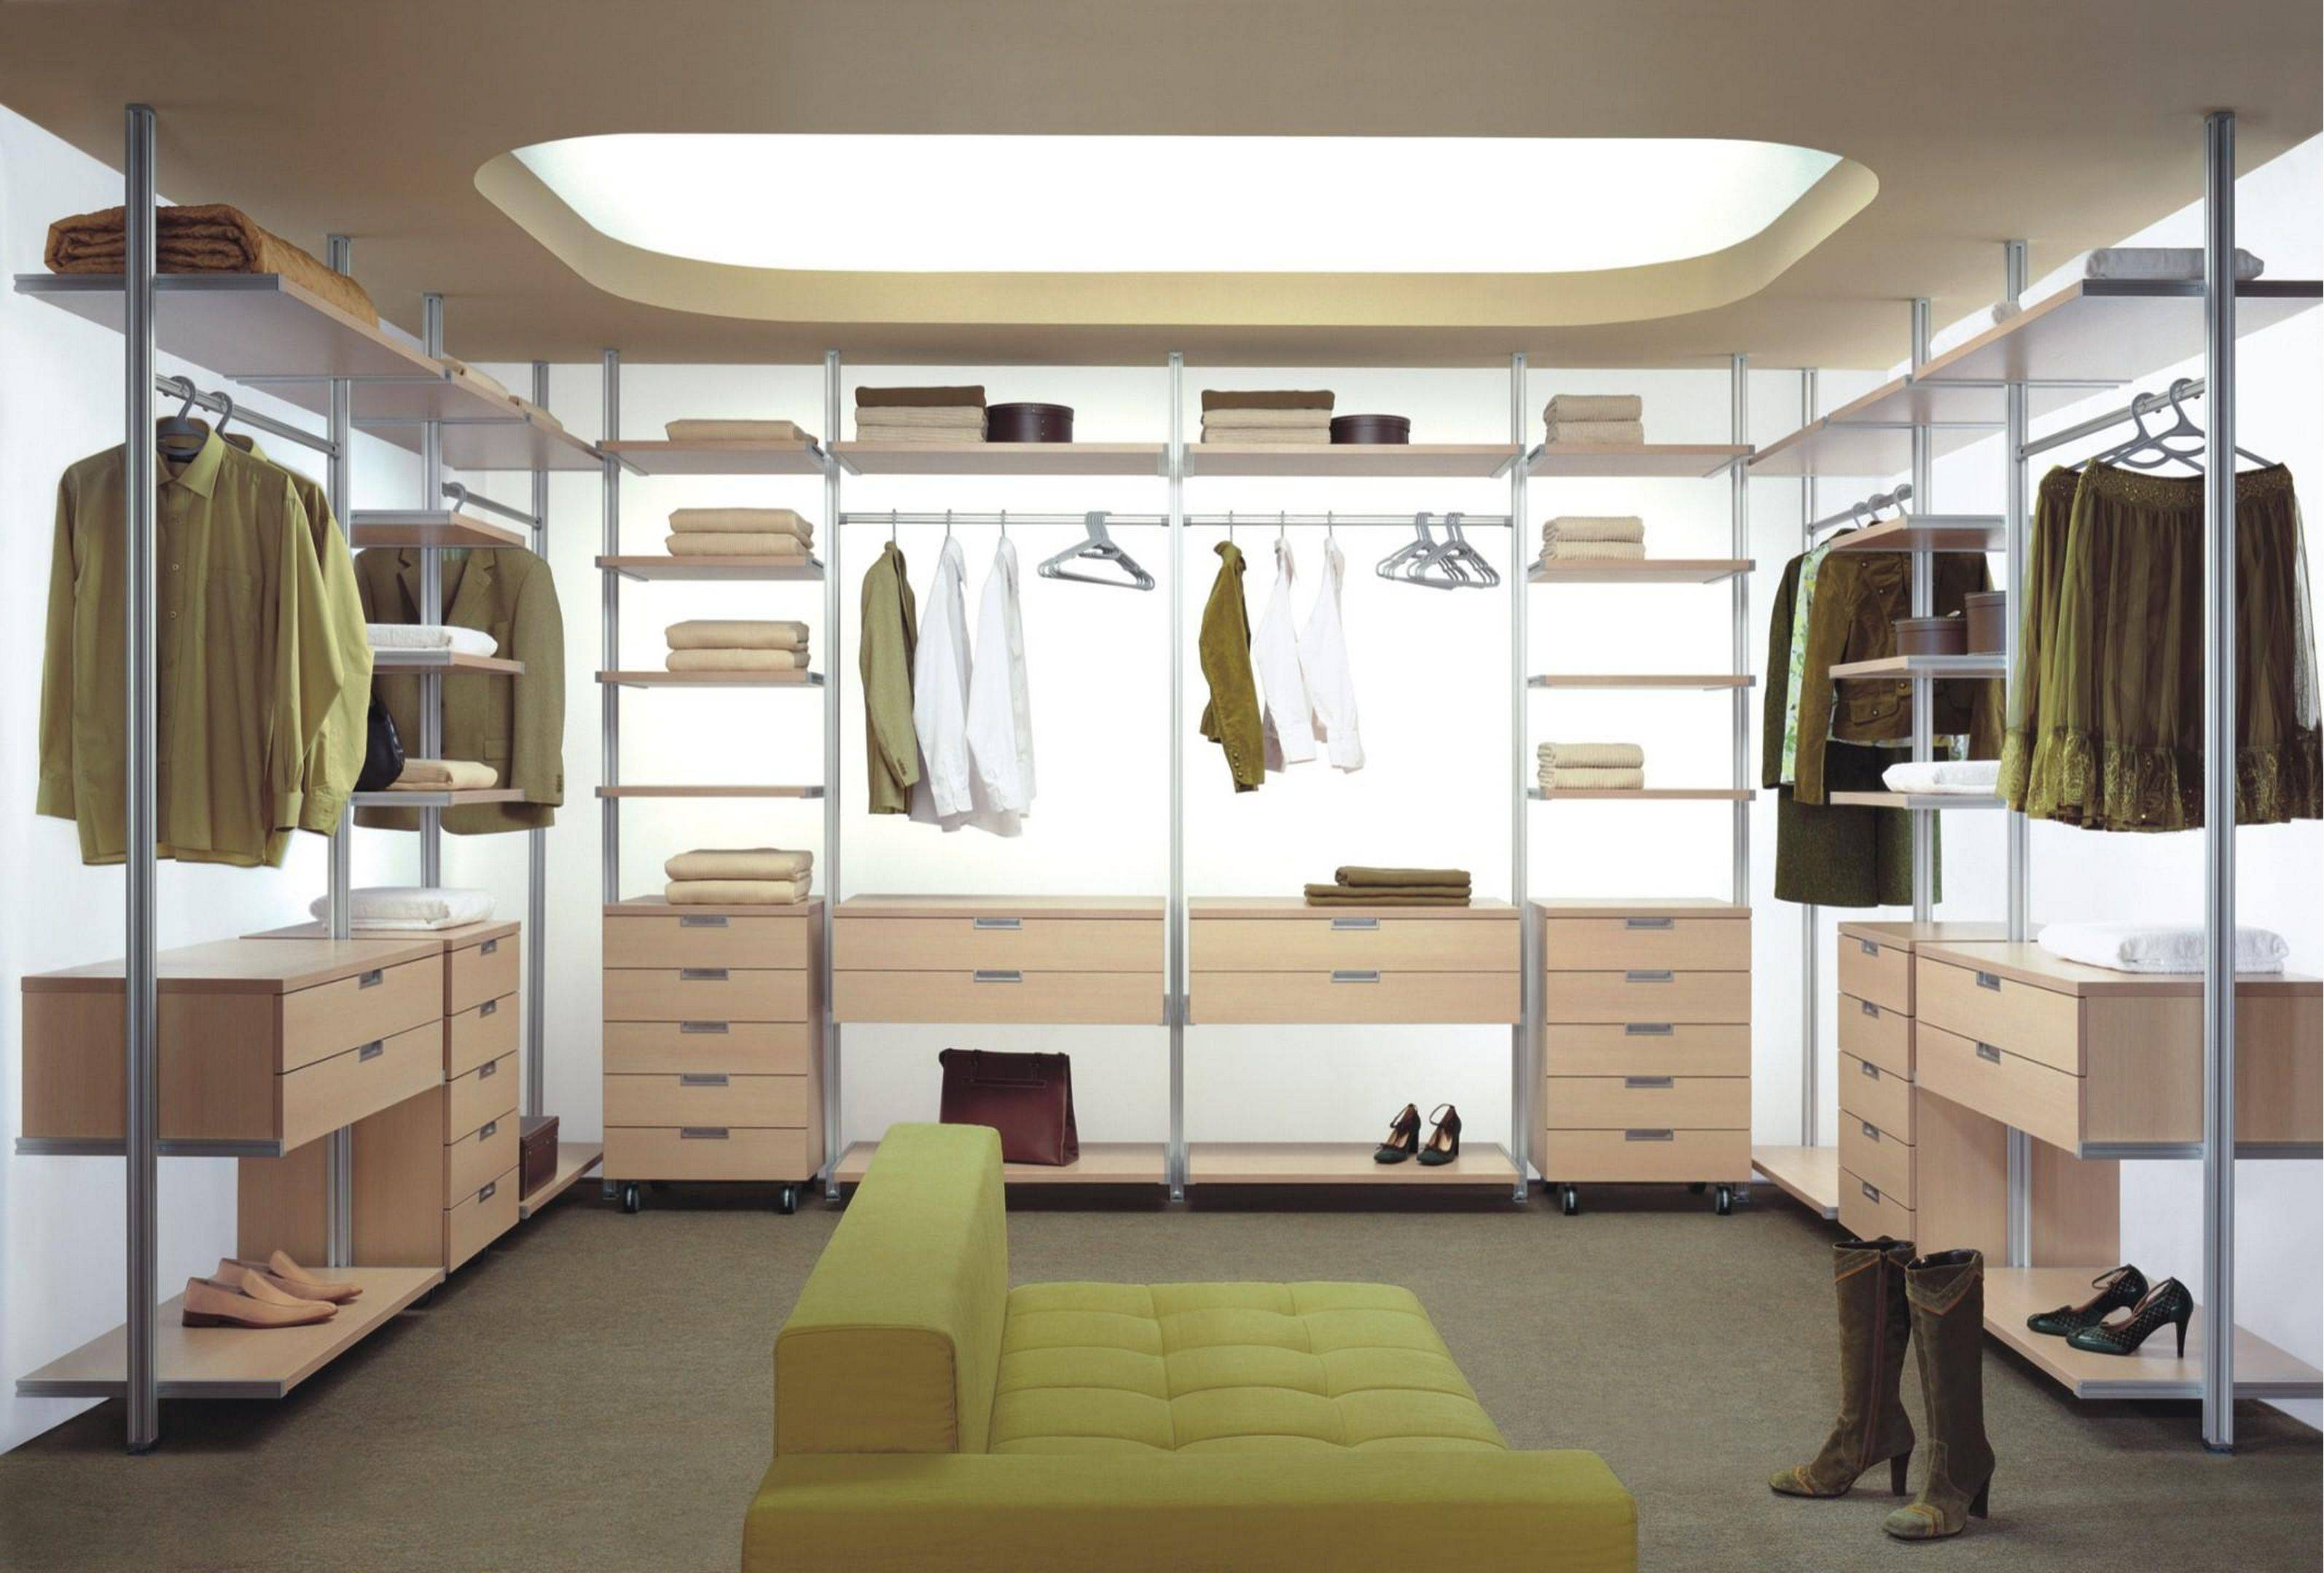 Важность присутствия вентиляции в гардеробной